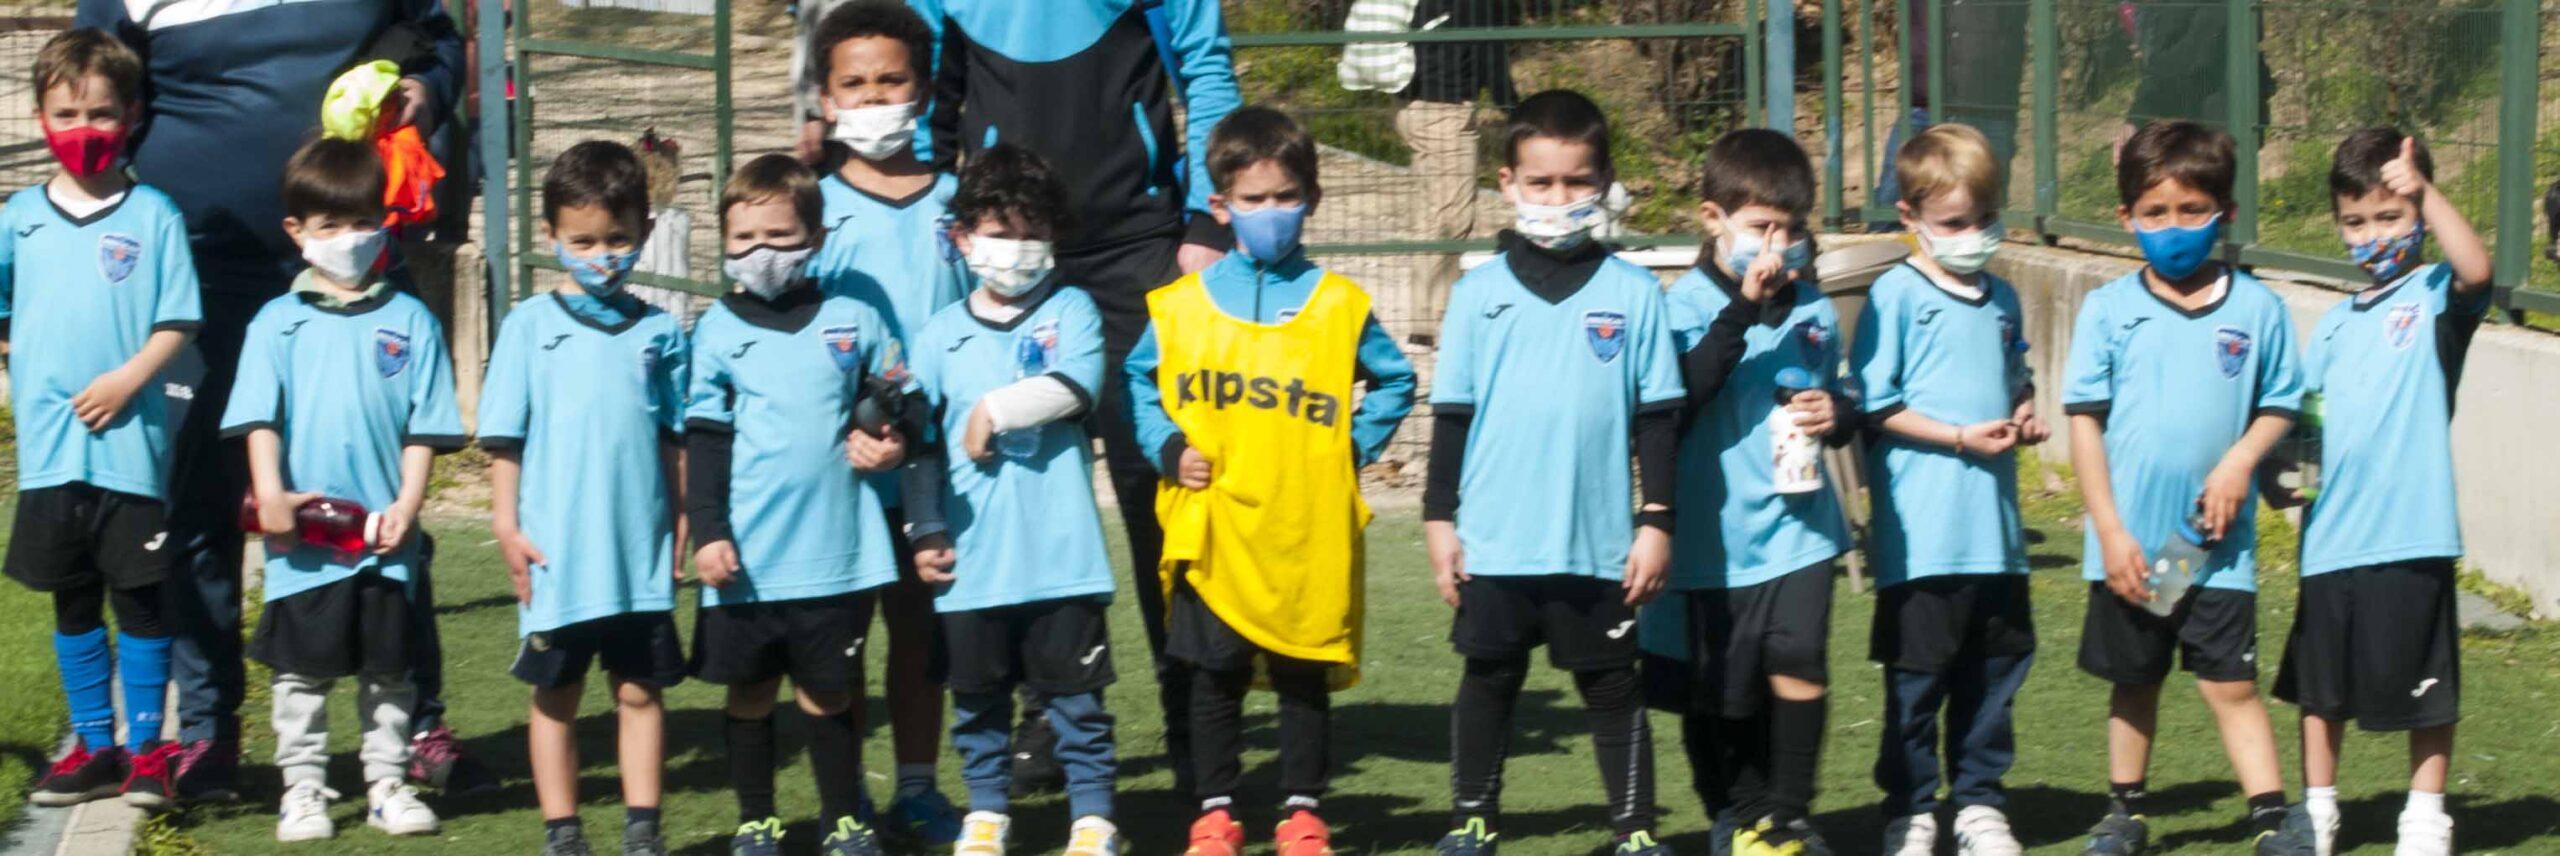 escuela de futbol para niñso de 5 y seis años